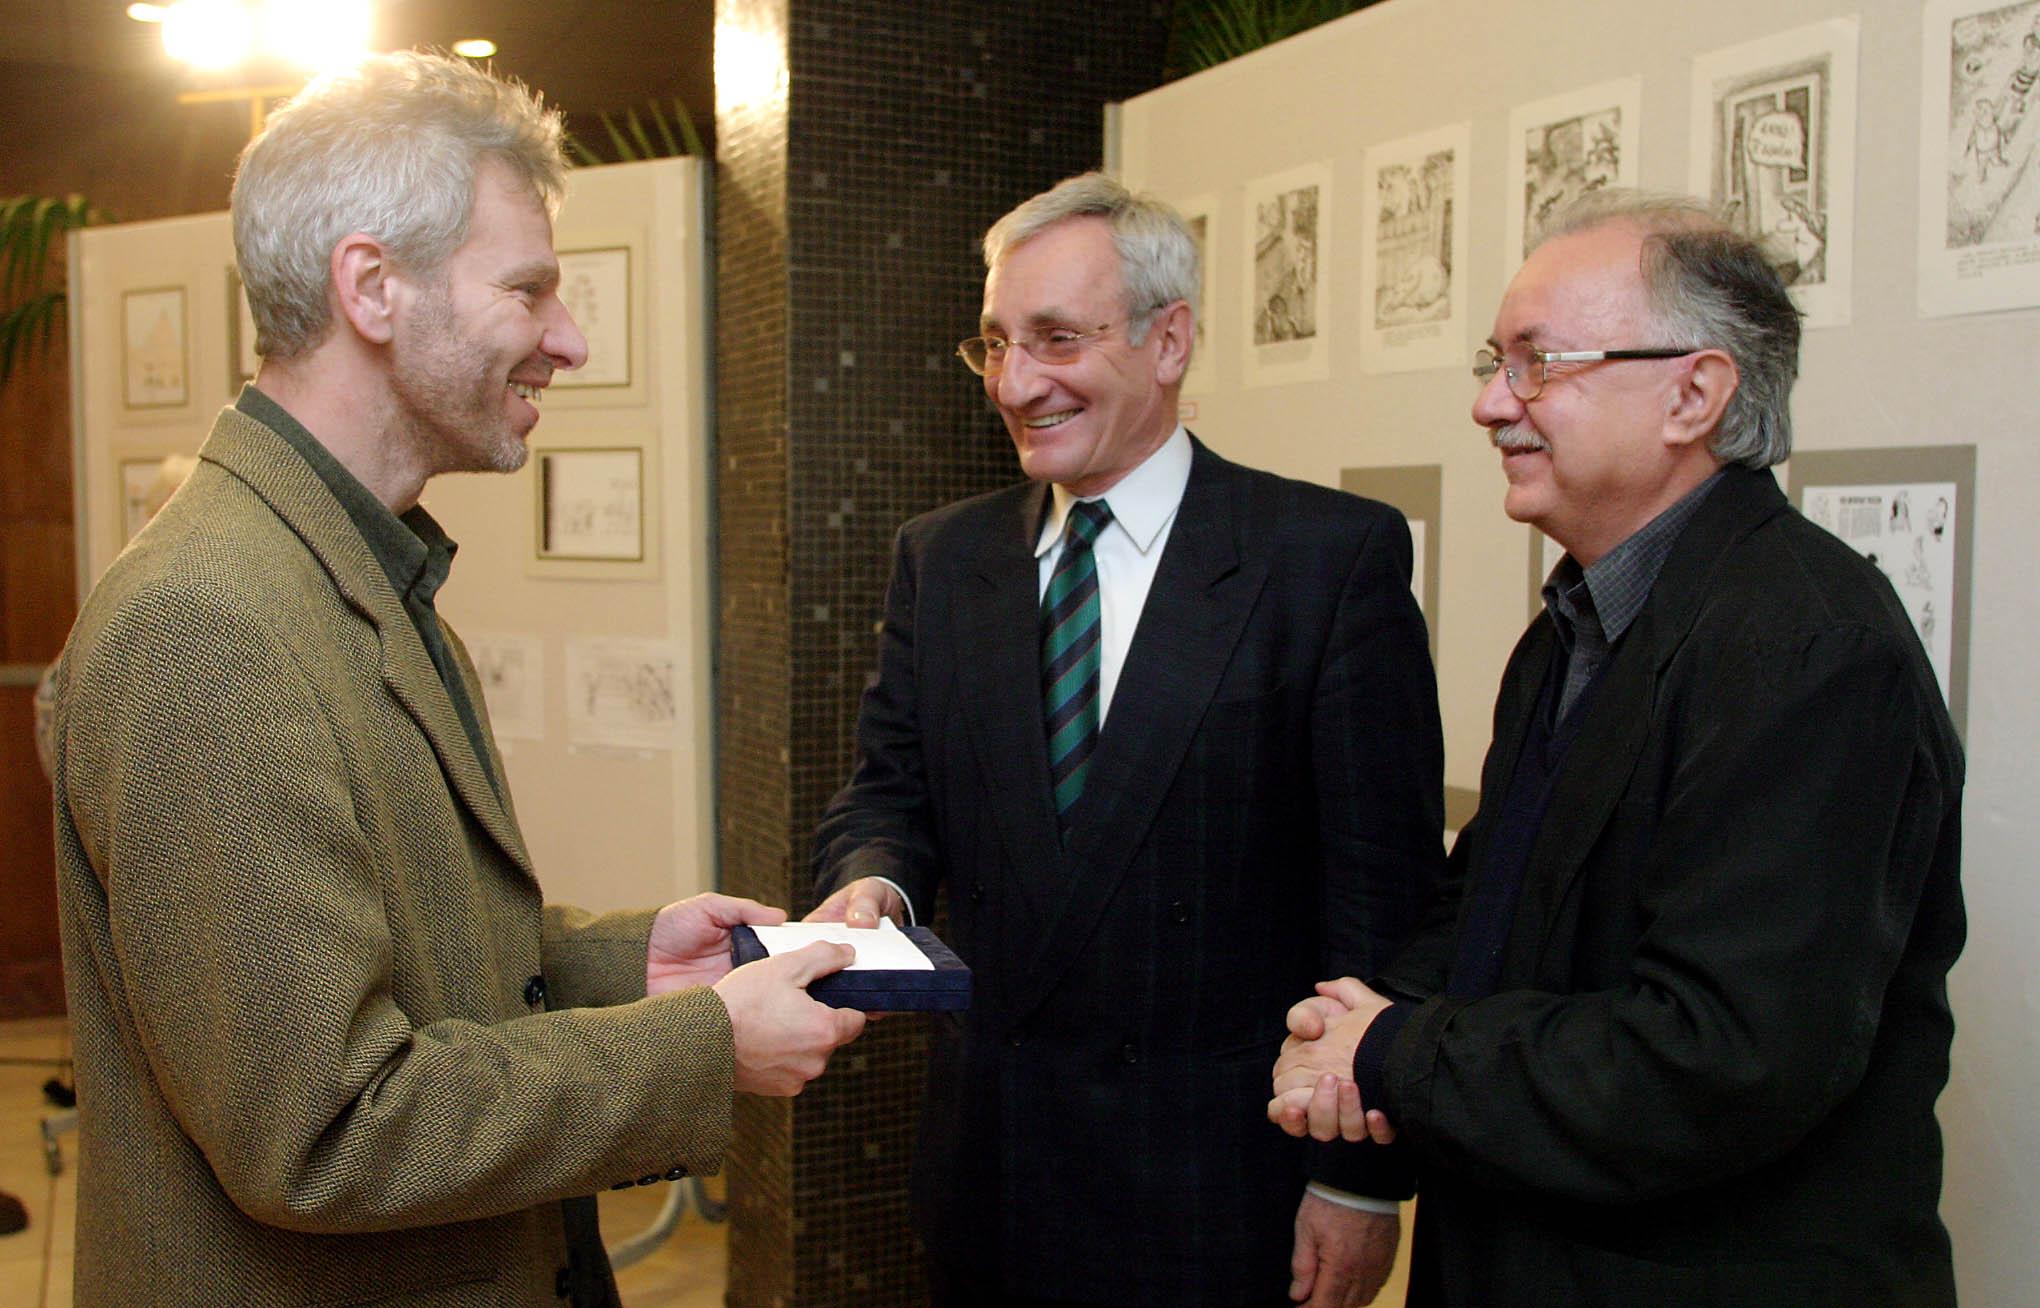 Büszkék lehettek rá. Pápai Gábor átveszi a díjat Eötvös Pál és Farkasházy Tivadar újságírótól, a bírálóbizottság tagjaitól / Fotó: MTI